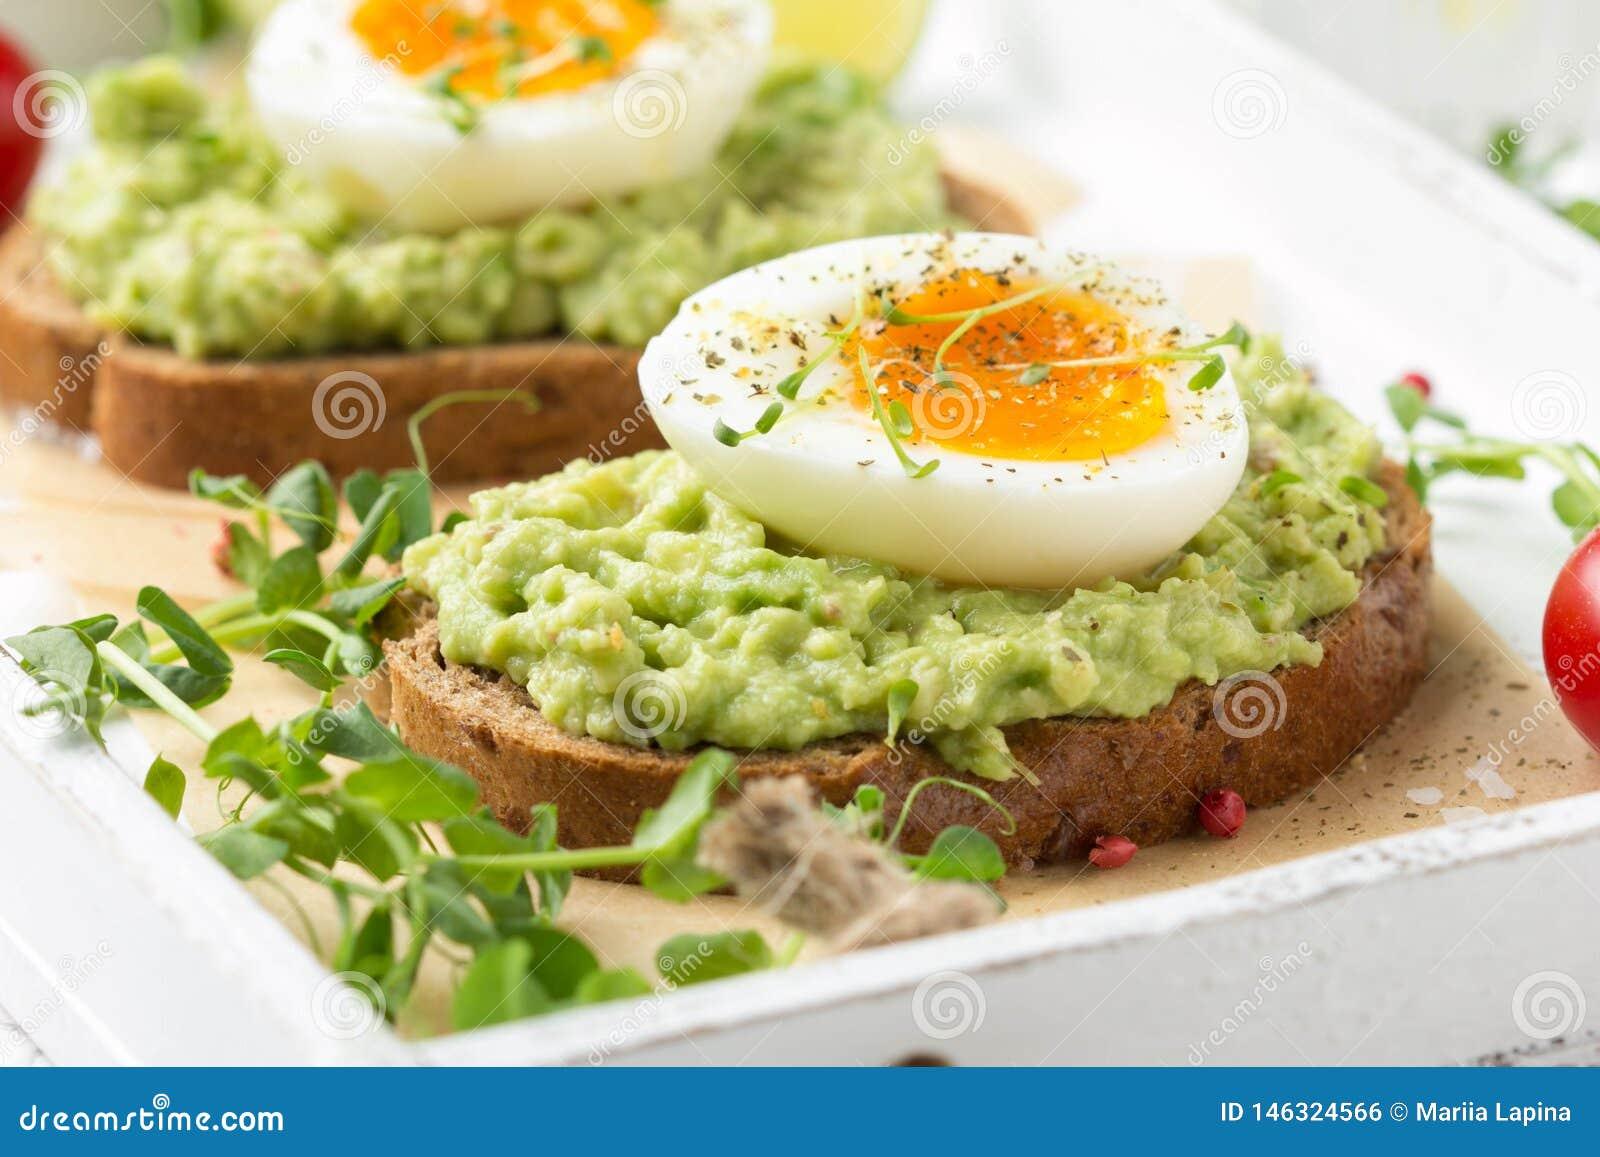 Tostada con puré del aguacate y el huevo pasado por agua en la bandeja blanca, yema de huevo líquida, desayuno delicioso, bocadil